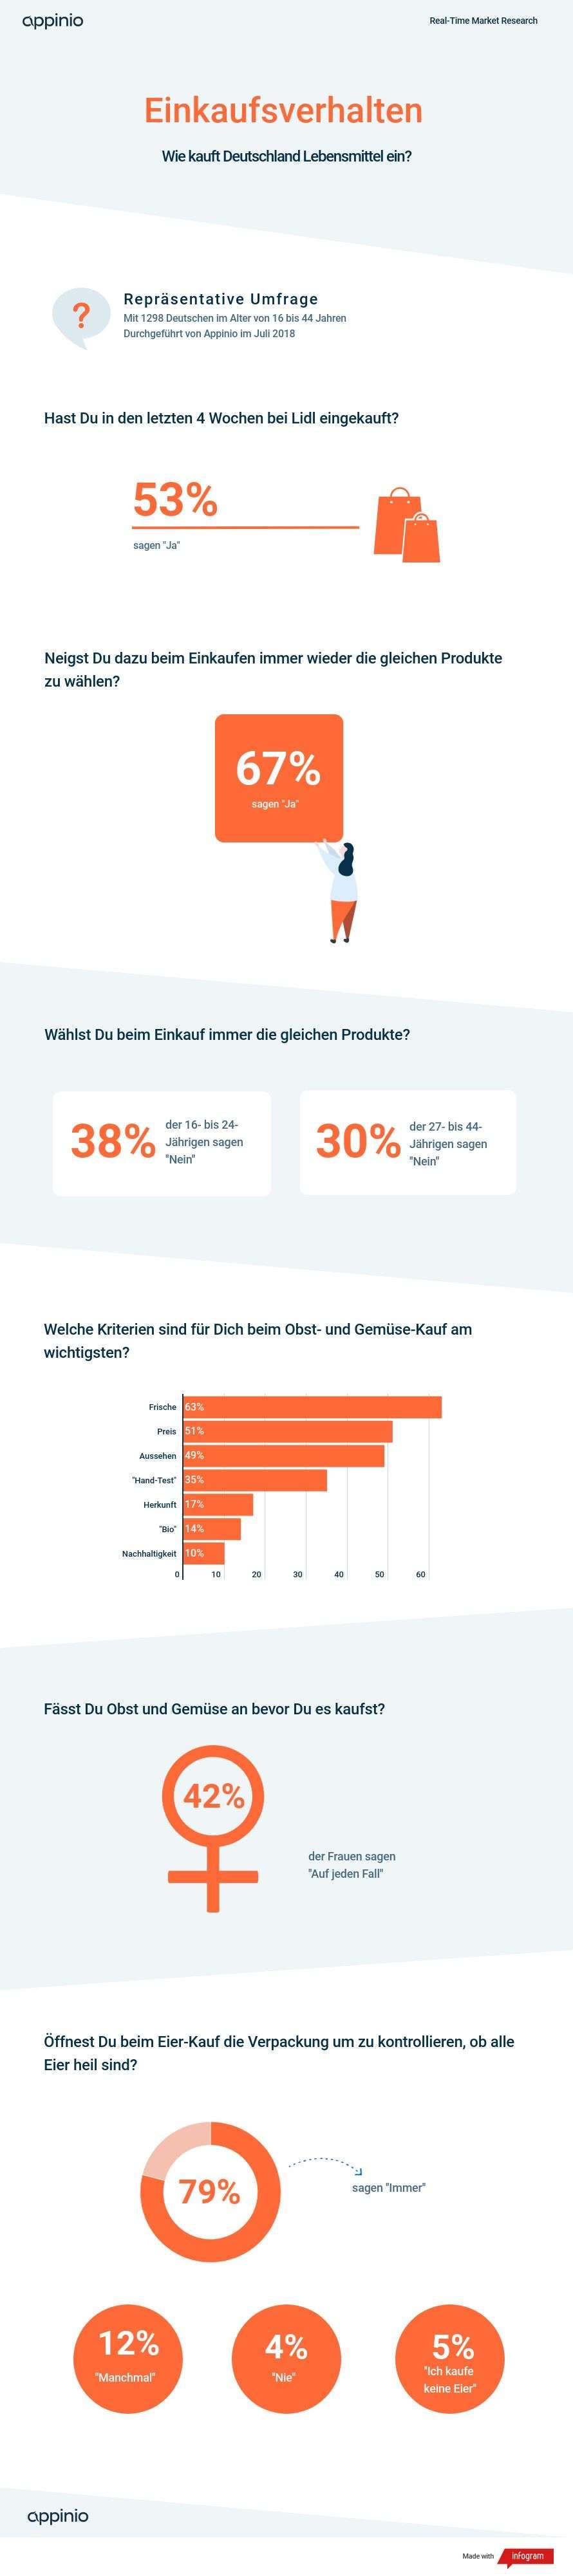 Infografik Appinio Studie Einkaufsverhalten Einkaufsroutinen im Supermarkt